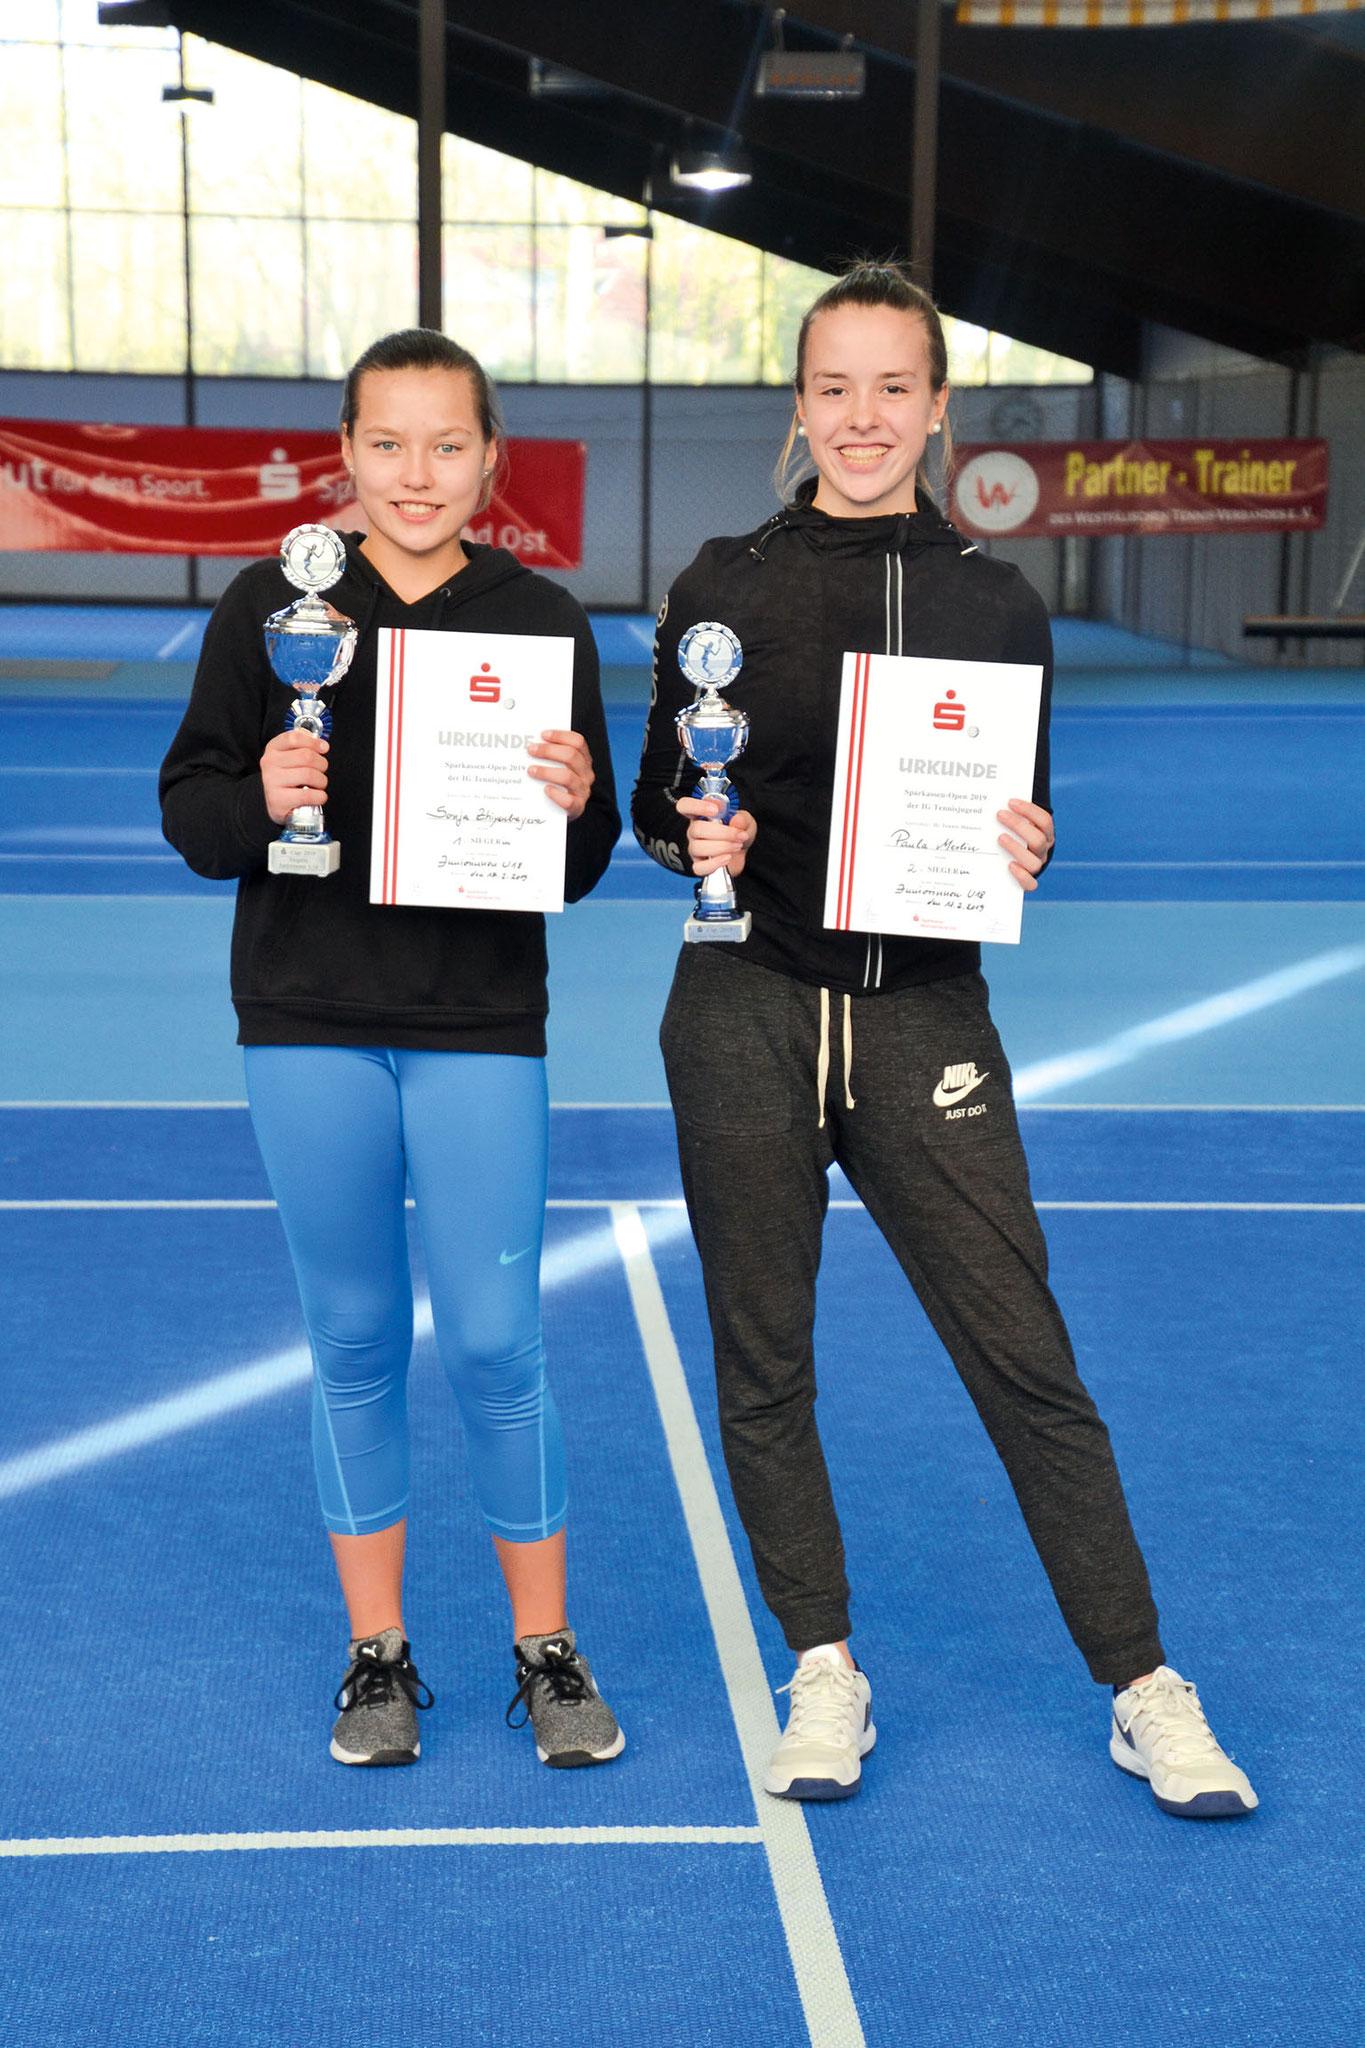 U18: (v.li.) Stadtmeisterin Sonja Zhiyenbayeva (TSC Münster) und Paula Merlin (THC)